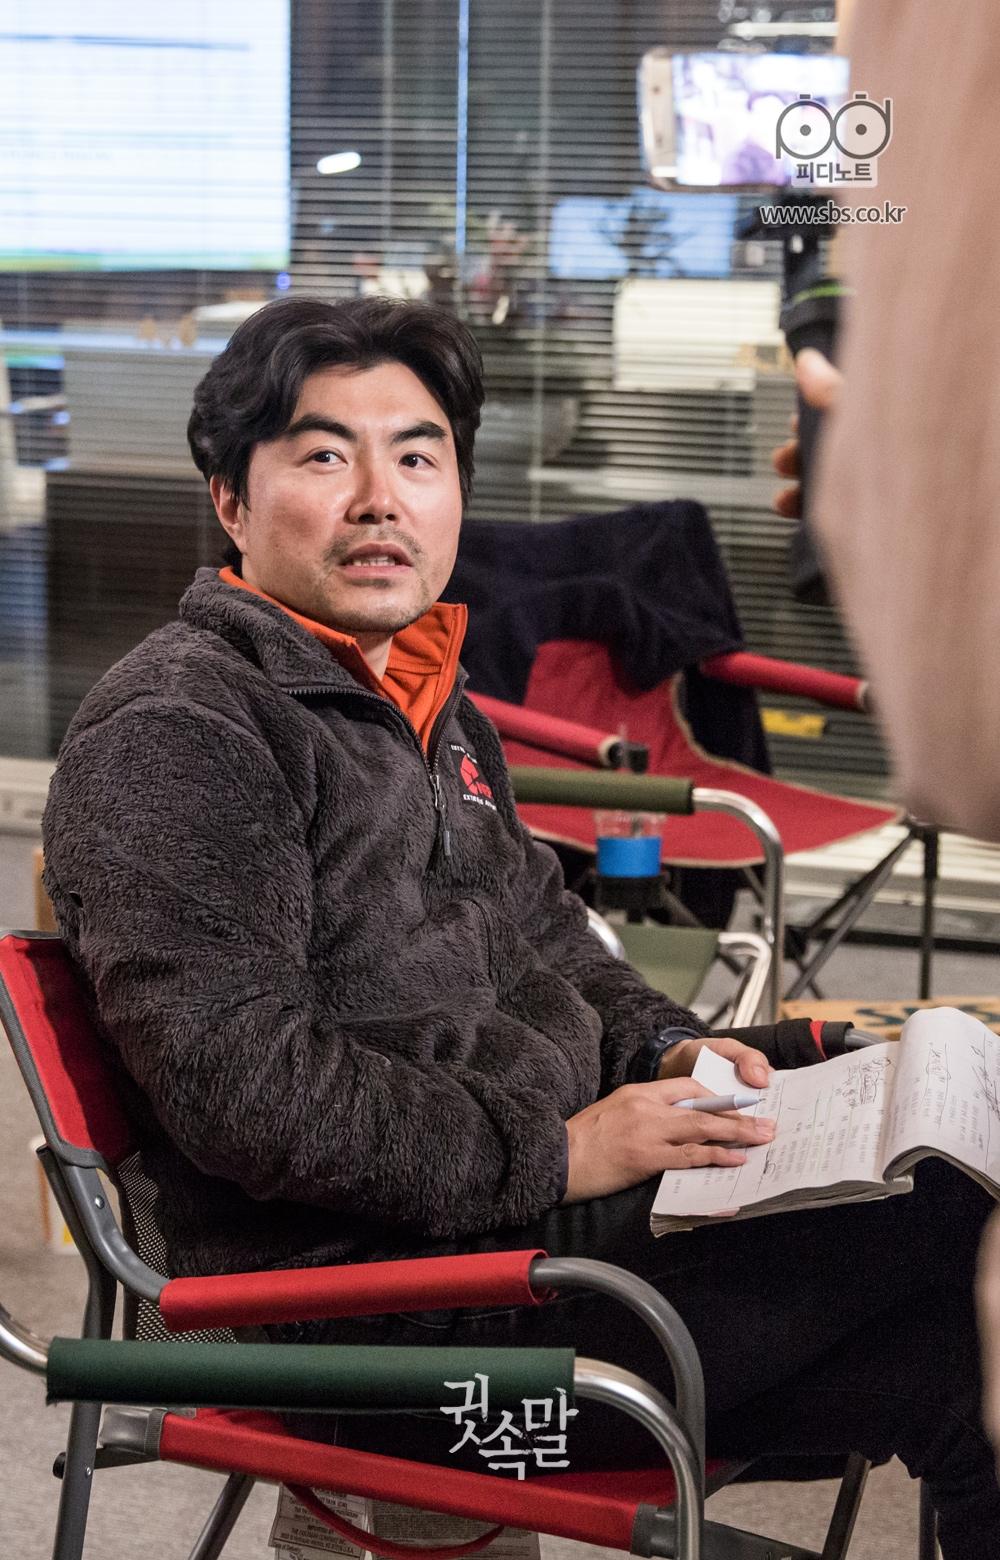 의자에 앉아 대본을 손에 들고 있는 이명우 감독님의 이미지